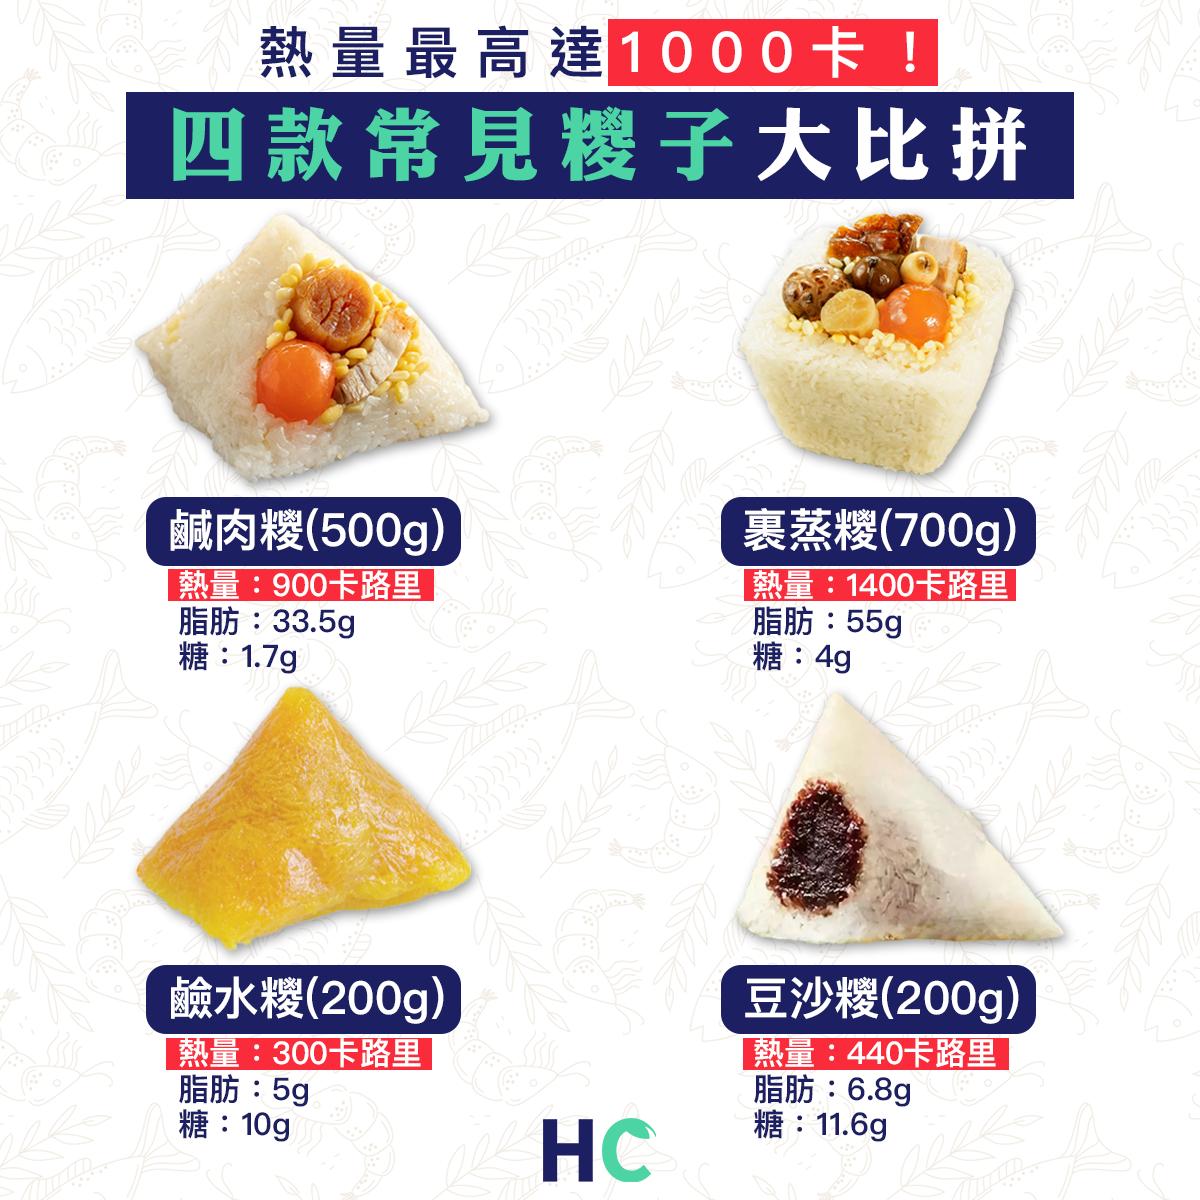 【#營養食物】熱量最高達1000卡! 四款常見糭子大比拼